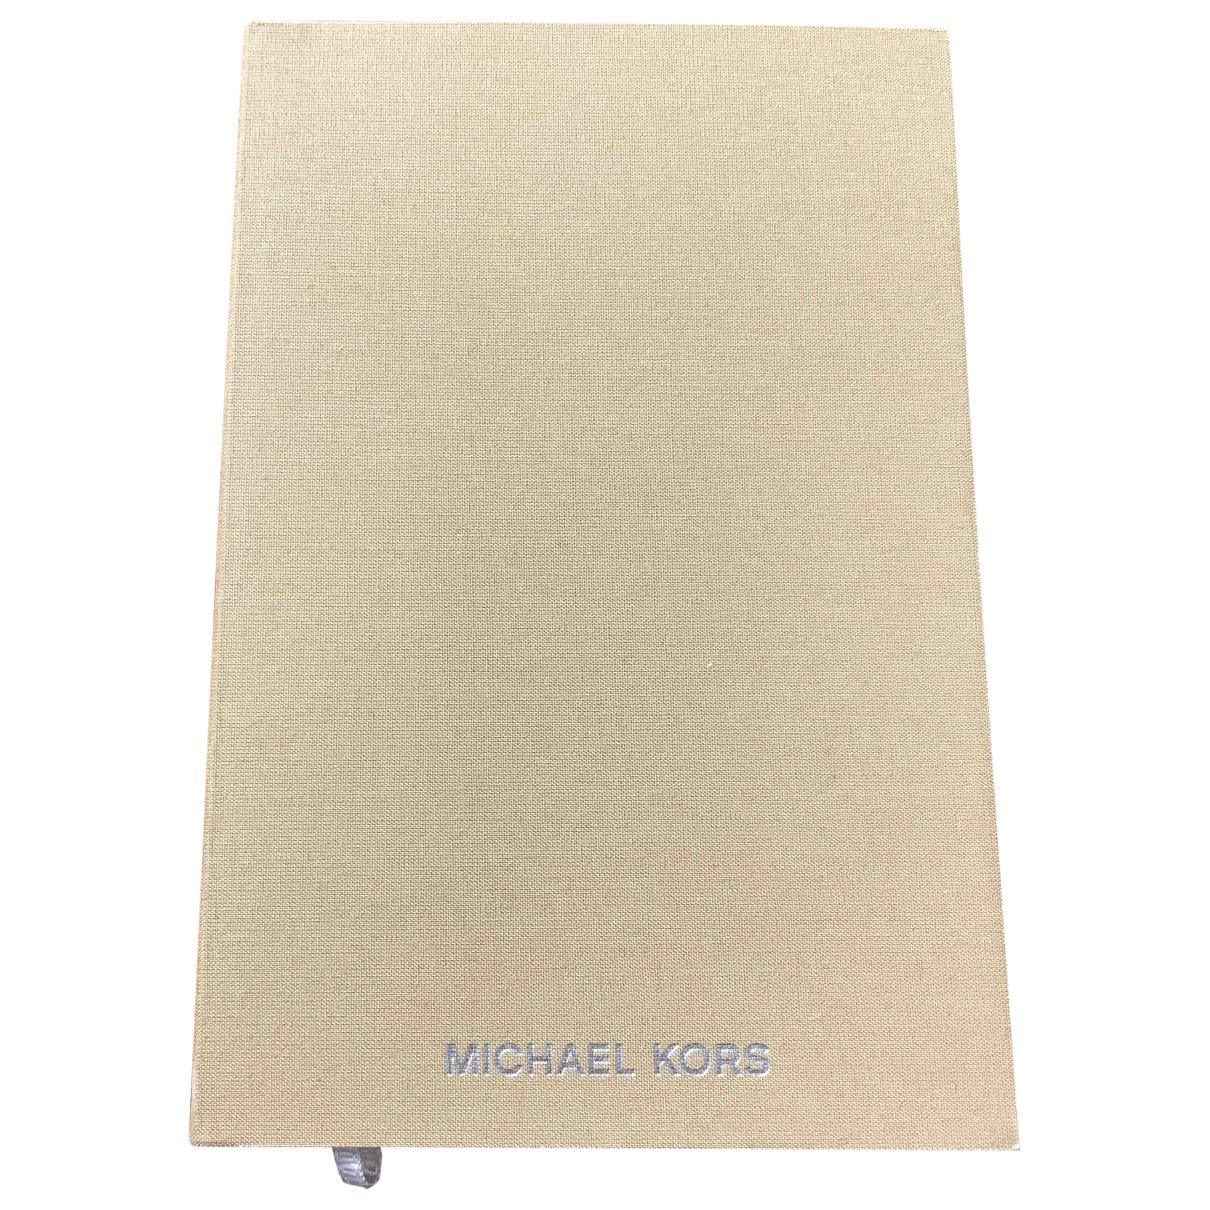 Michael Kors - Objets & Deco   pour lifestyle en coton - beige